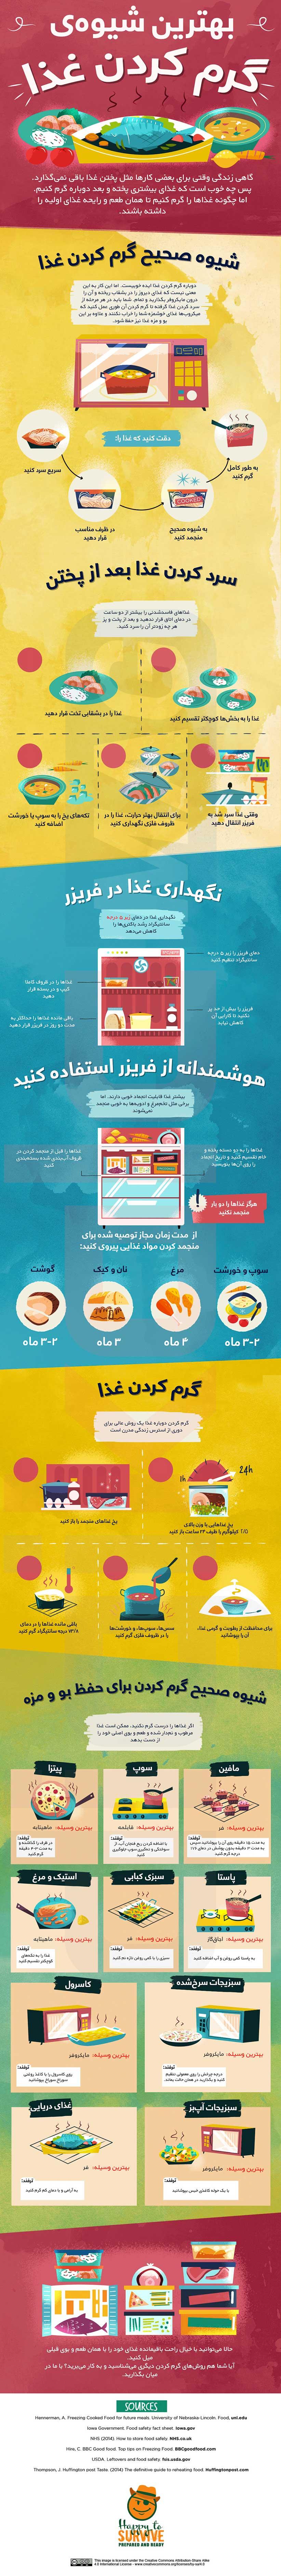 اینفوگرافیک یادگیری بهترین شیوه های گرم کردن غذا